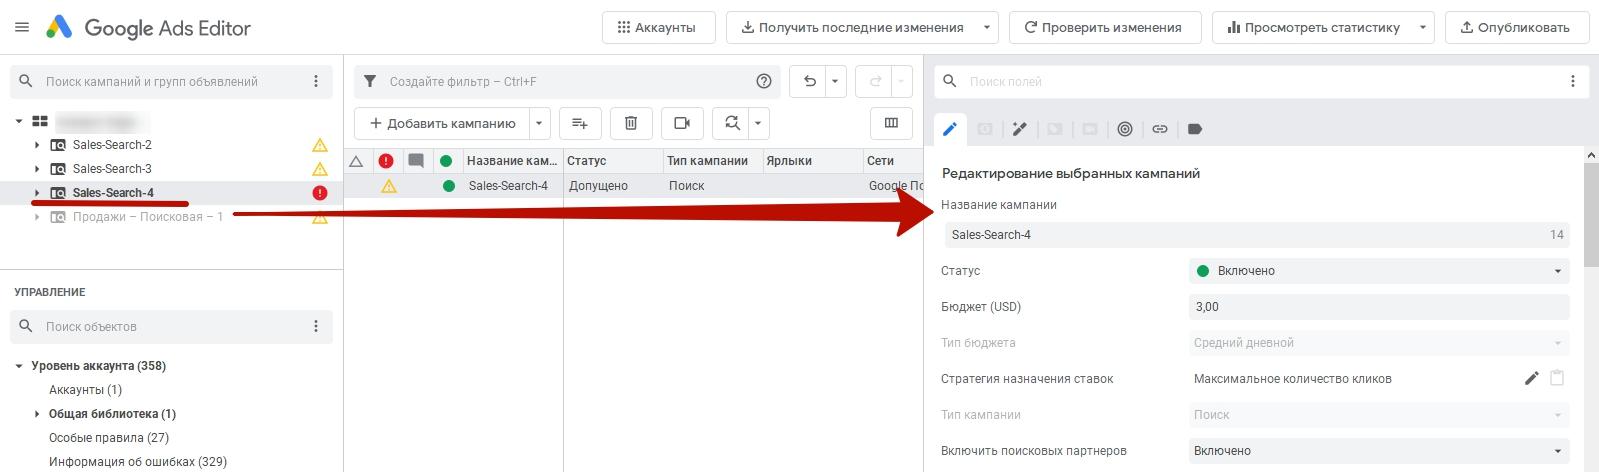 Перенос кампаний из Директа в Google Ads – редактирование выбранной кампании в Google Ads редакторе